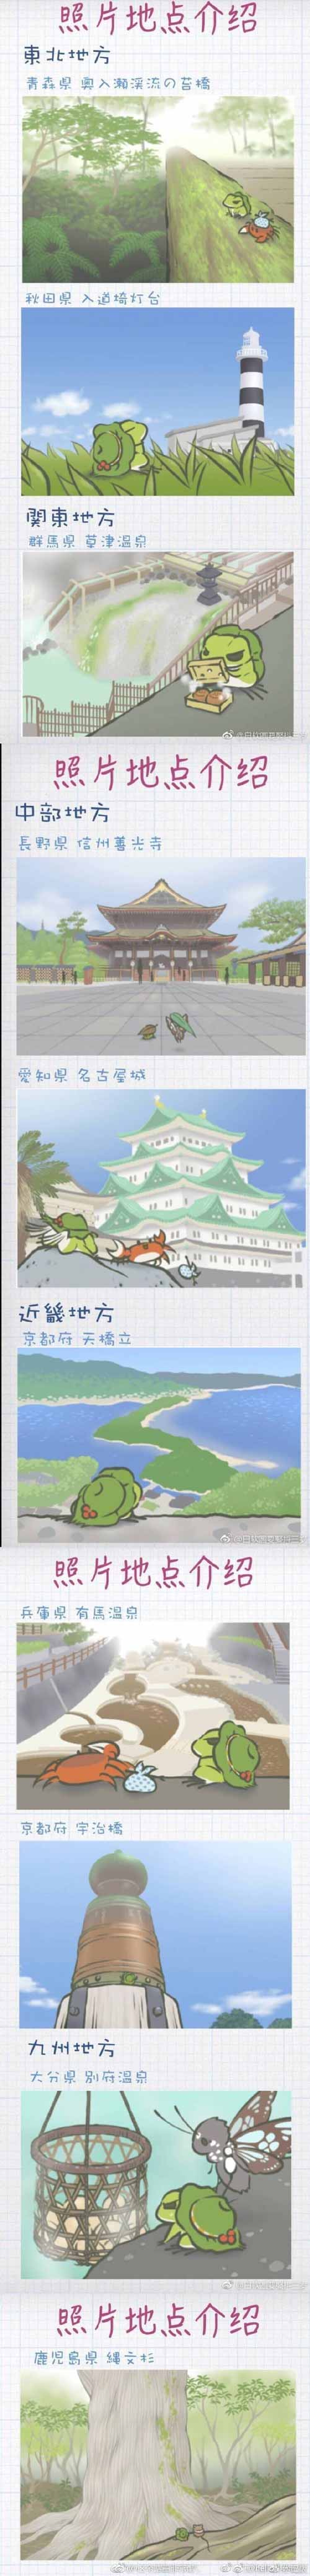 青蛙旅行相册